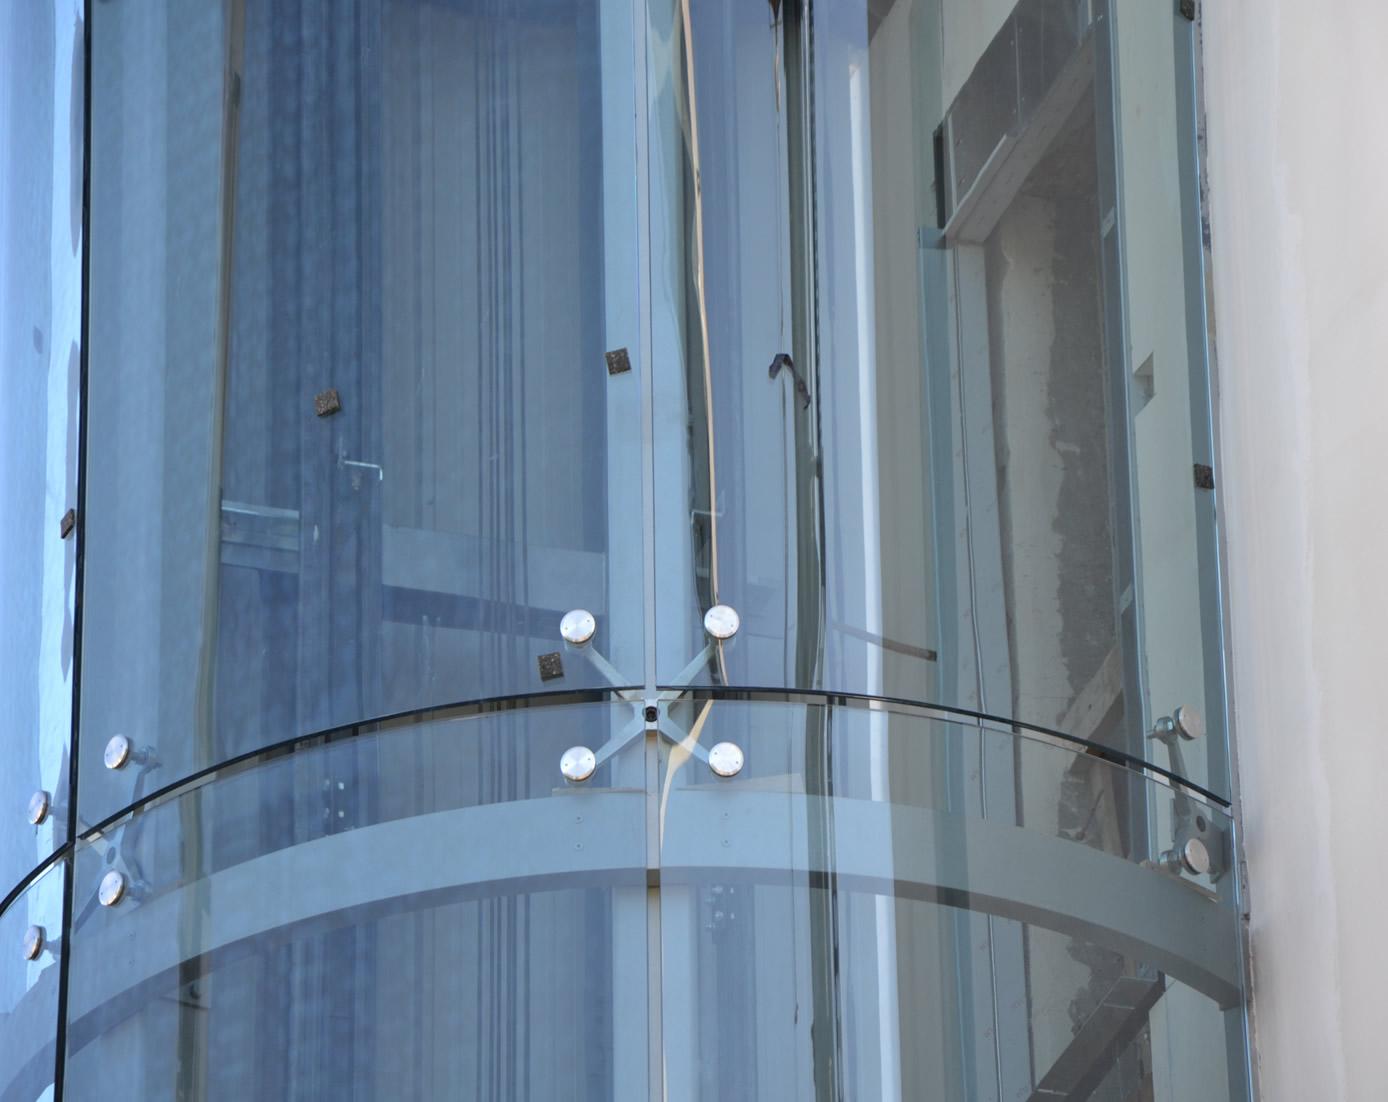 Manutenzione ascensori, le regole da seguire - Guida per Casa